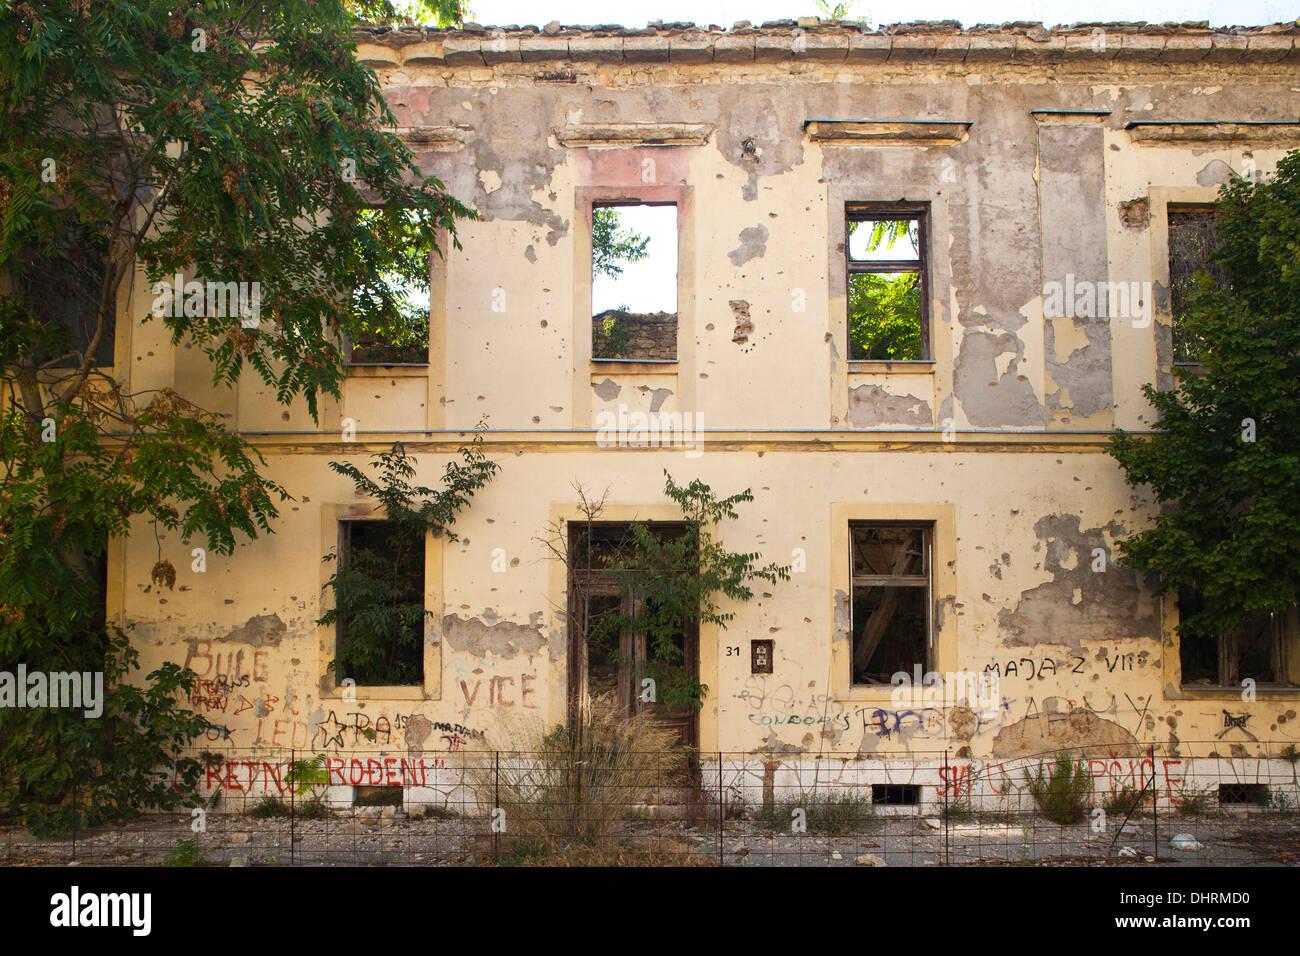 bombed building, west side, mostar, bosnia and herzegovina, europe - Stock Image